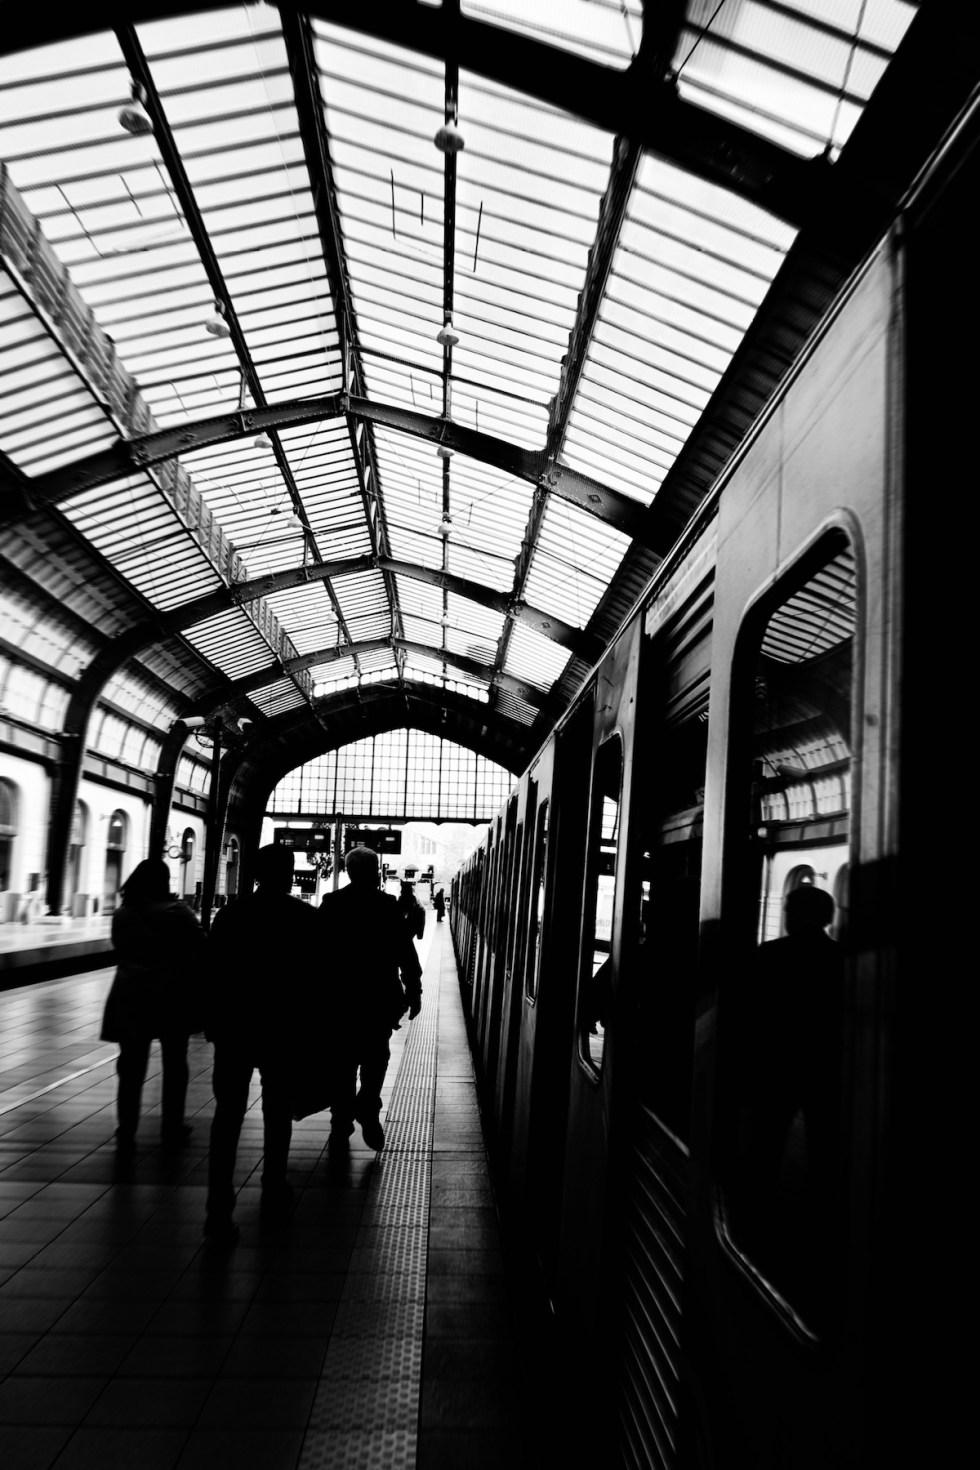 Pireas : Metro